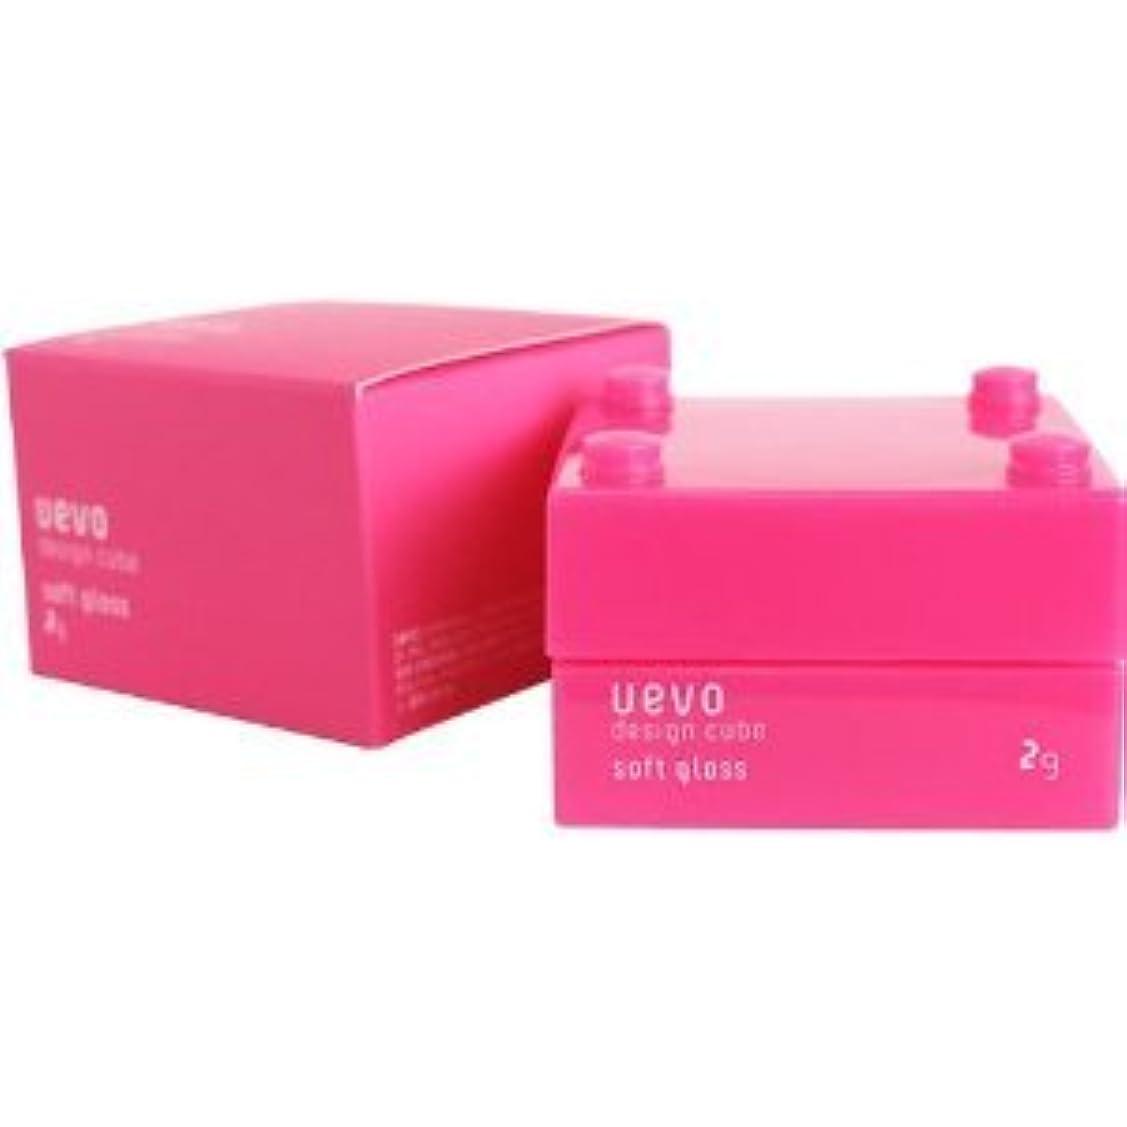 怠惰開始正午【X3個セット】 デミ ウェーボ デザインキューブ ソフトグロス 30g soft gloss DEMI uevo design cube